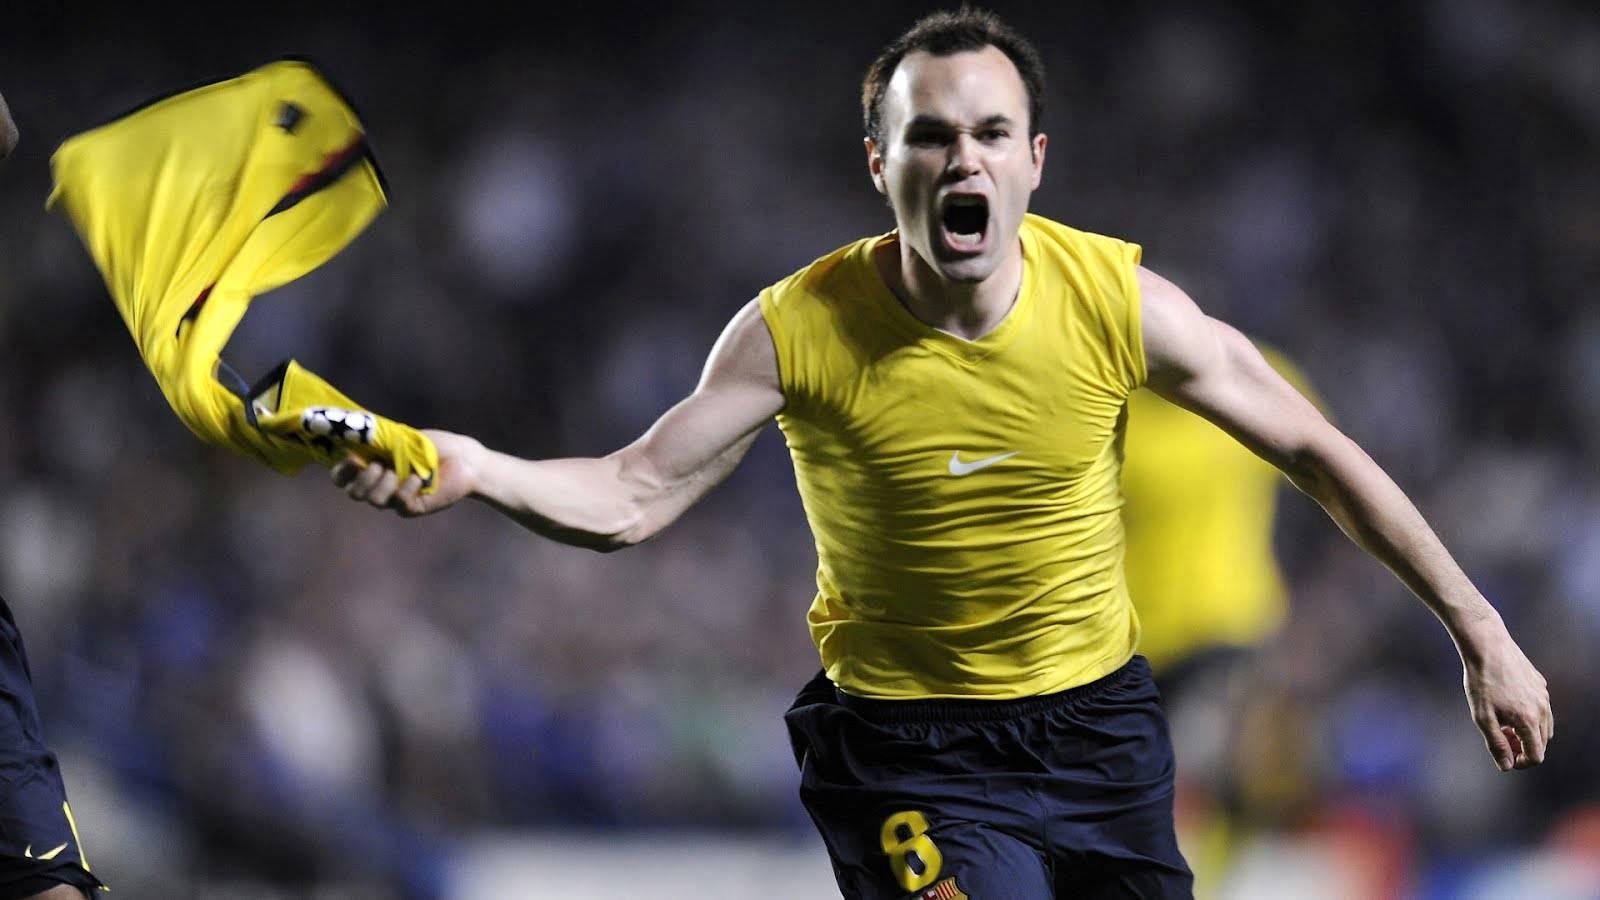 Iniesta giúp Tây Ban Nha lên ngôi lần đầu tiên tại World Cup 2010. Ảnh: Internet